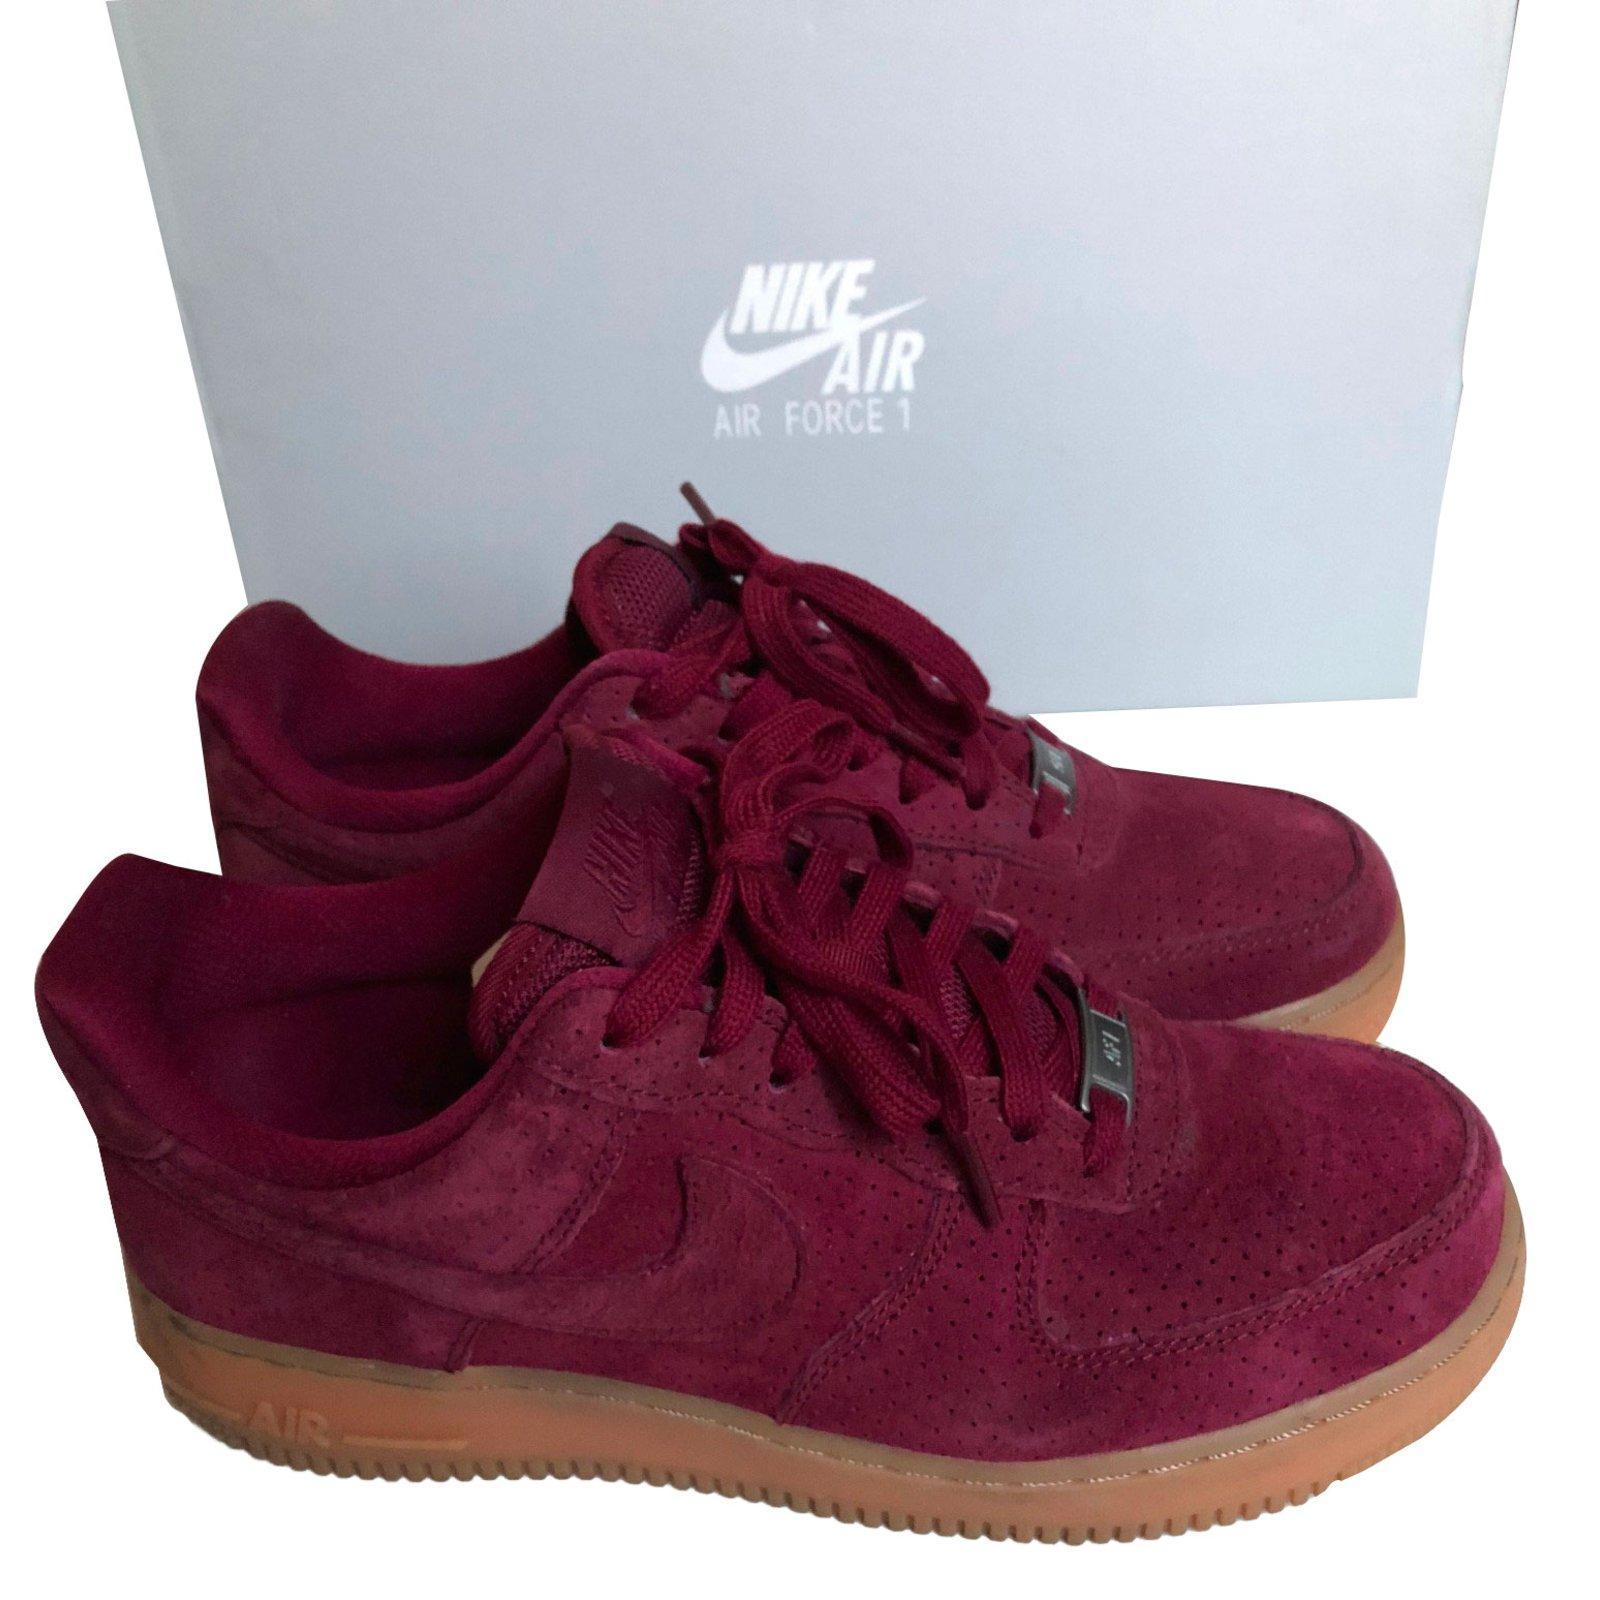 Nike Air Force 1 Sneakers Deerskin Dark